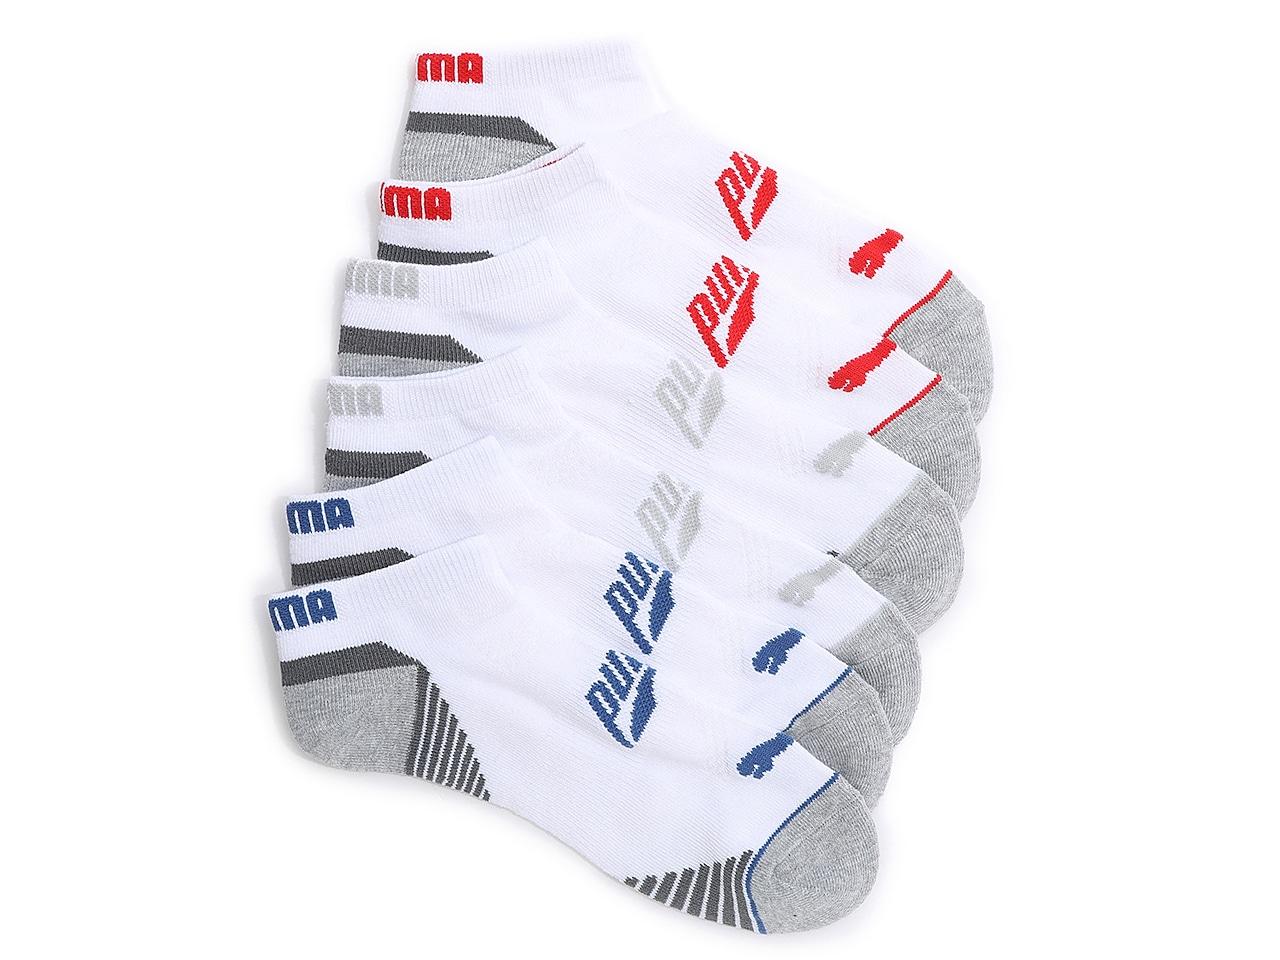 Training Men's No Show Socks - 6 Pack